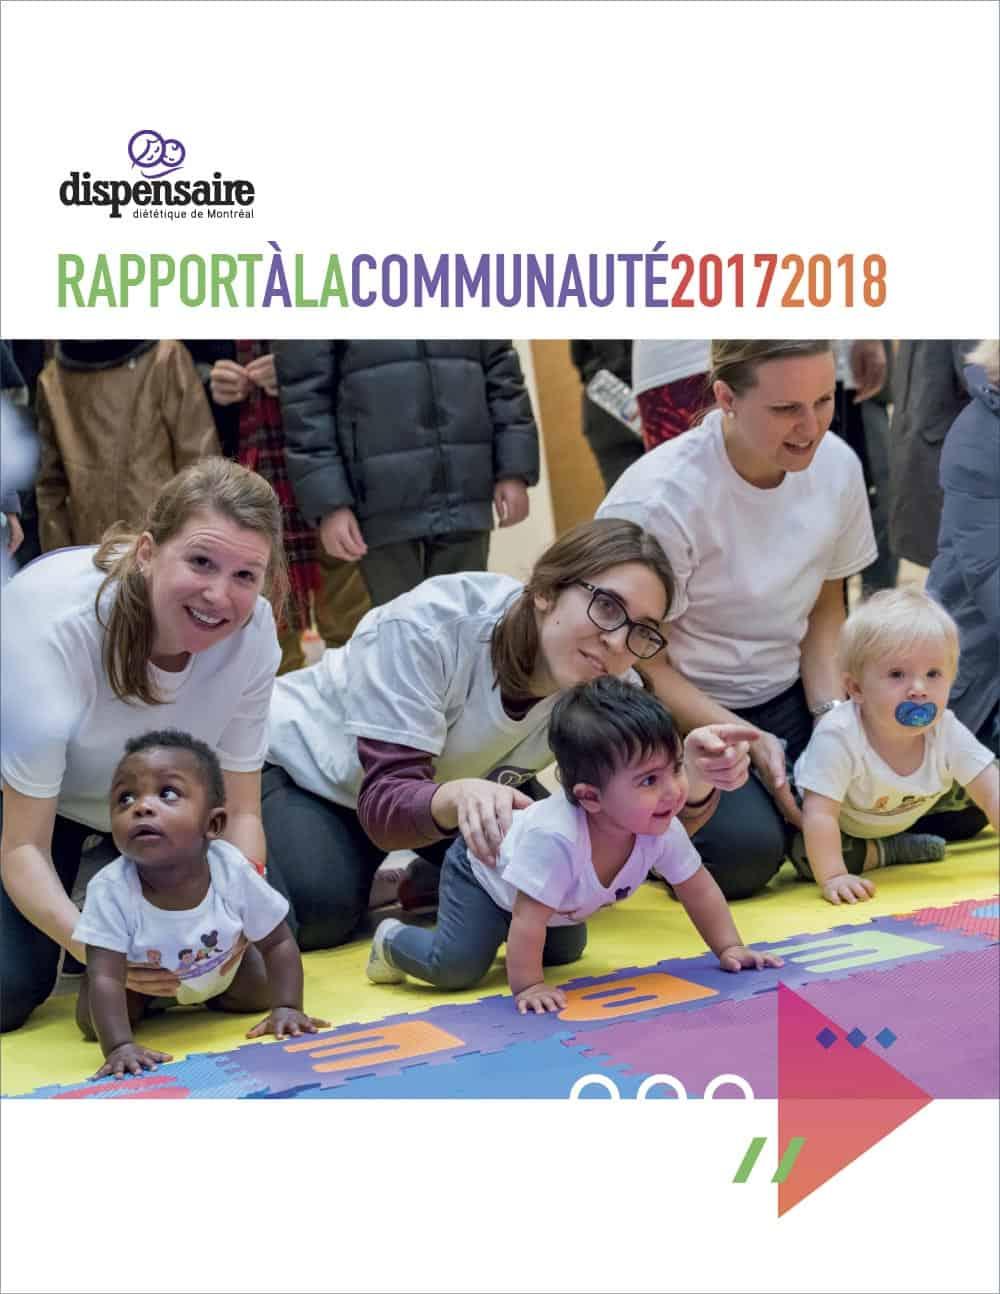 Graphisme du rapport annuel 2017-2018 du Dispensaire diététique de Montréal